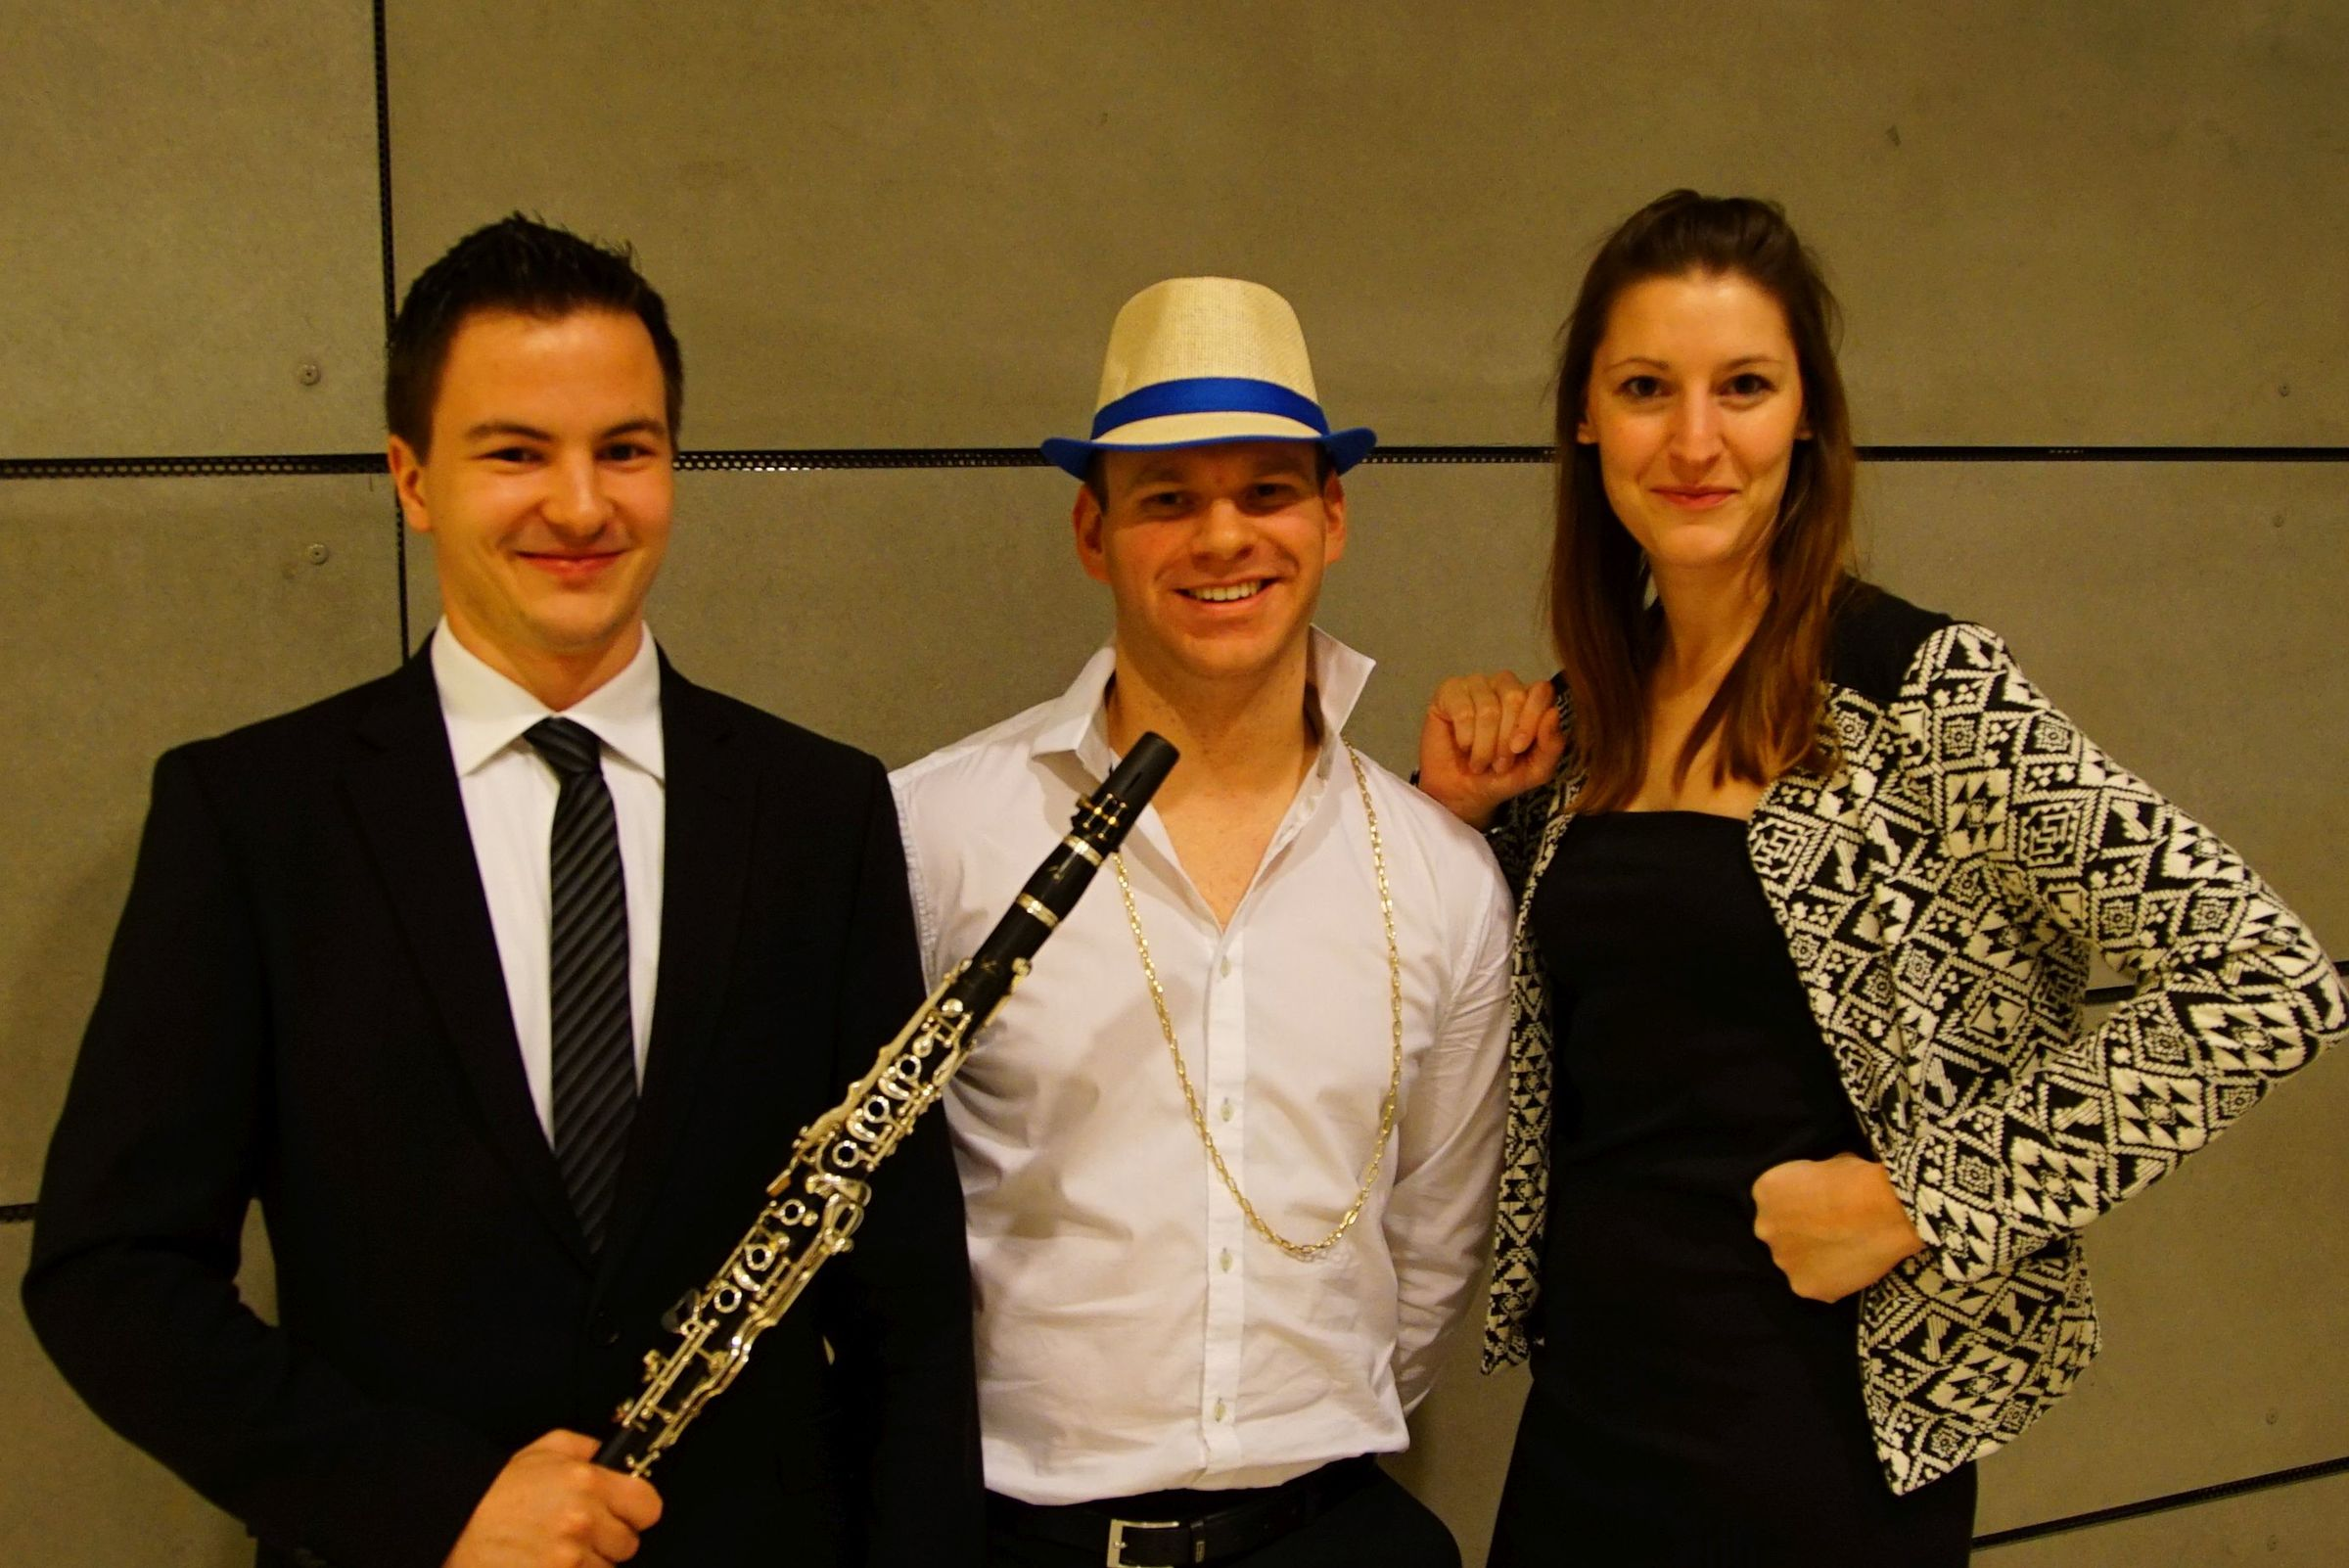 Wolfgang Smode, Christoph Heil und Sigrid Bürstmayr sind MusikerInnen der Grazer BläserVielharmoniE.